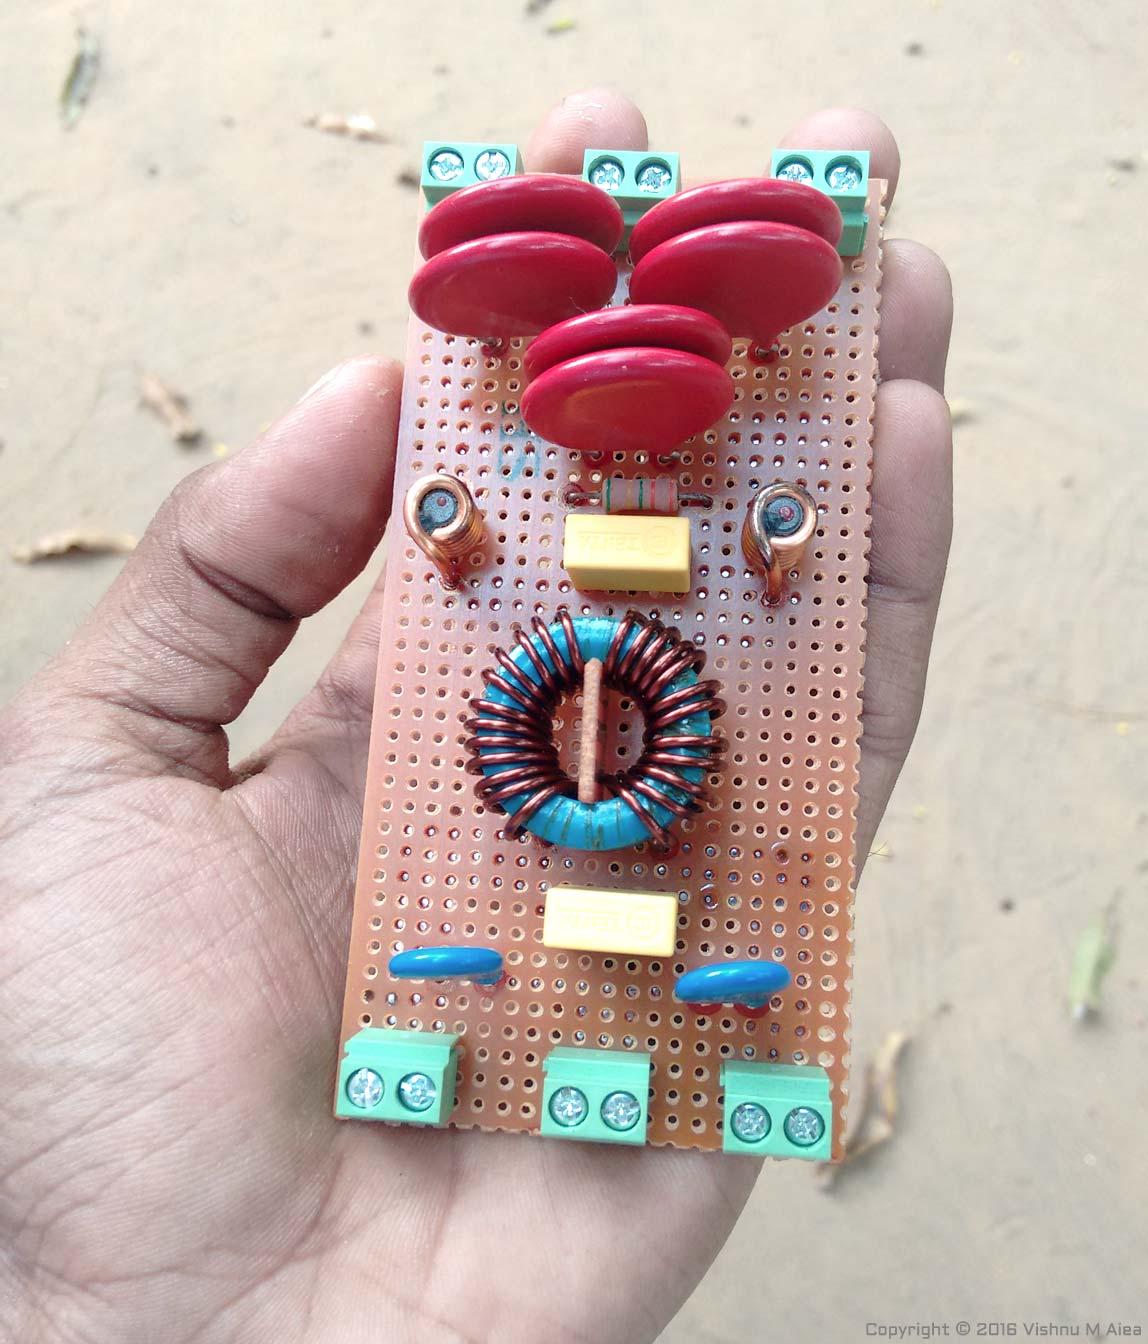 Diy Surge Protector Circuits